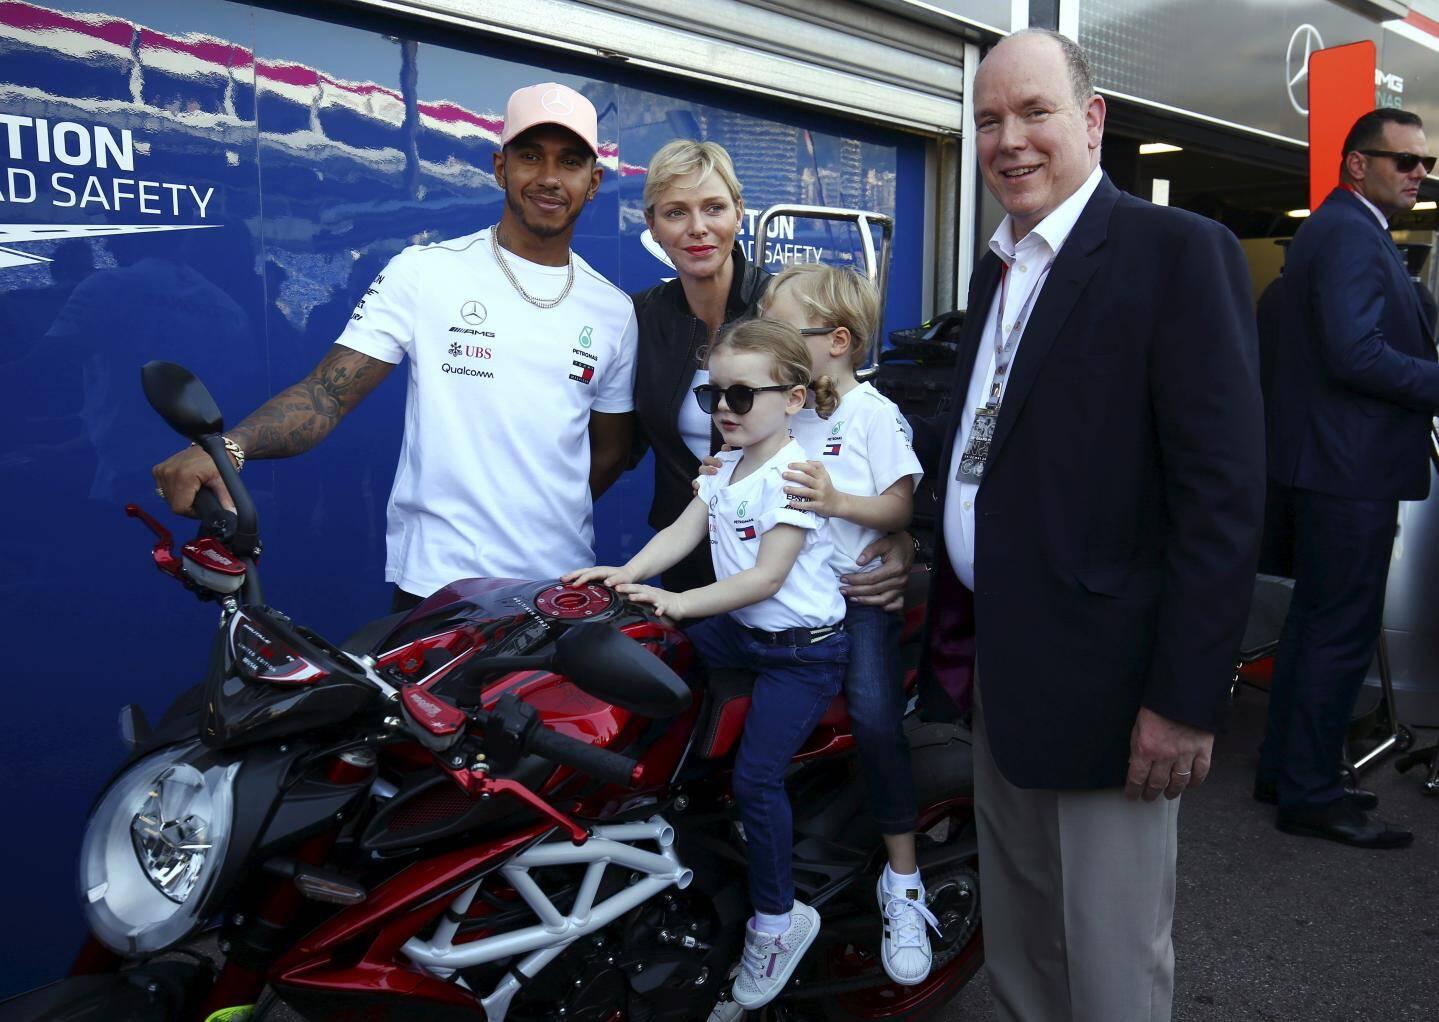 Un tour dans les stands, après une séance d'essais à l'occasion du Grand Prix de Monaco… où les enfants ont rencontré Lewis Hamilton.